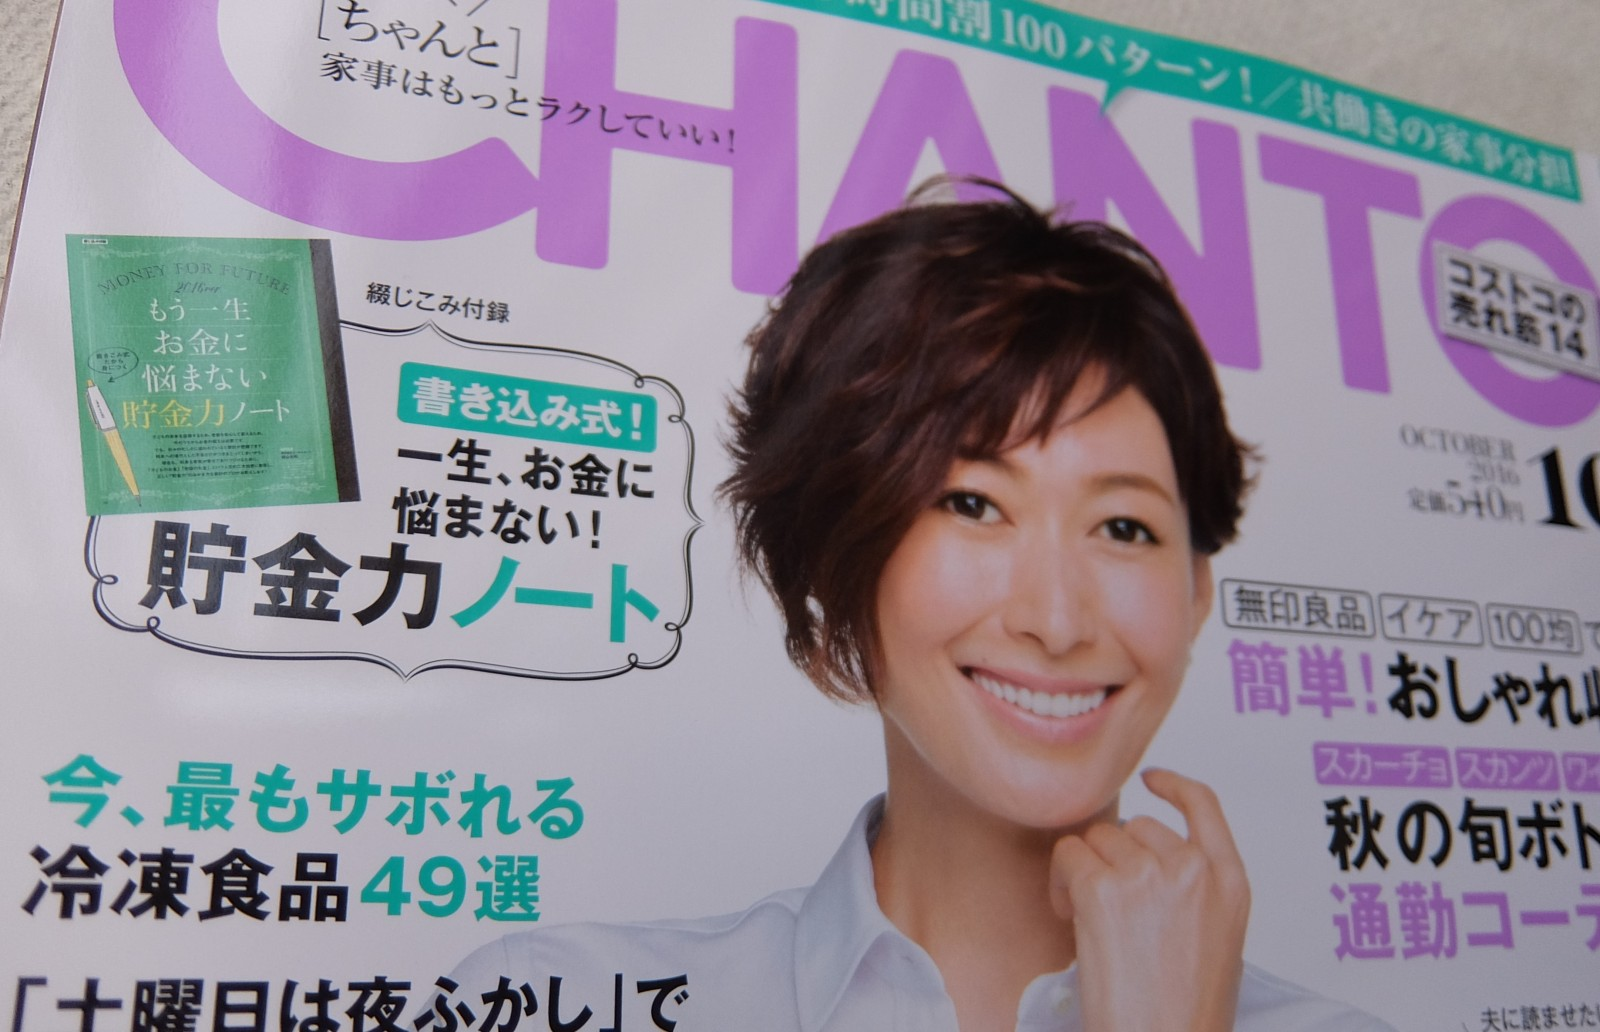 本日発売「CHANTO」で、手軽にちゃんと!「サボれる」冷凍食品49品